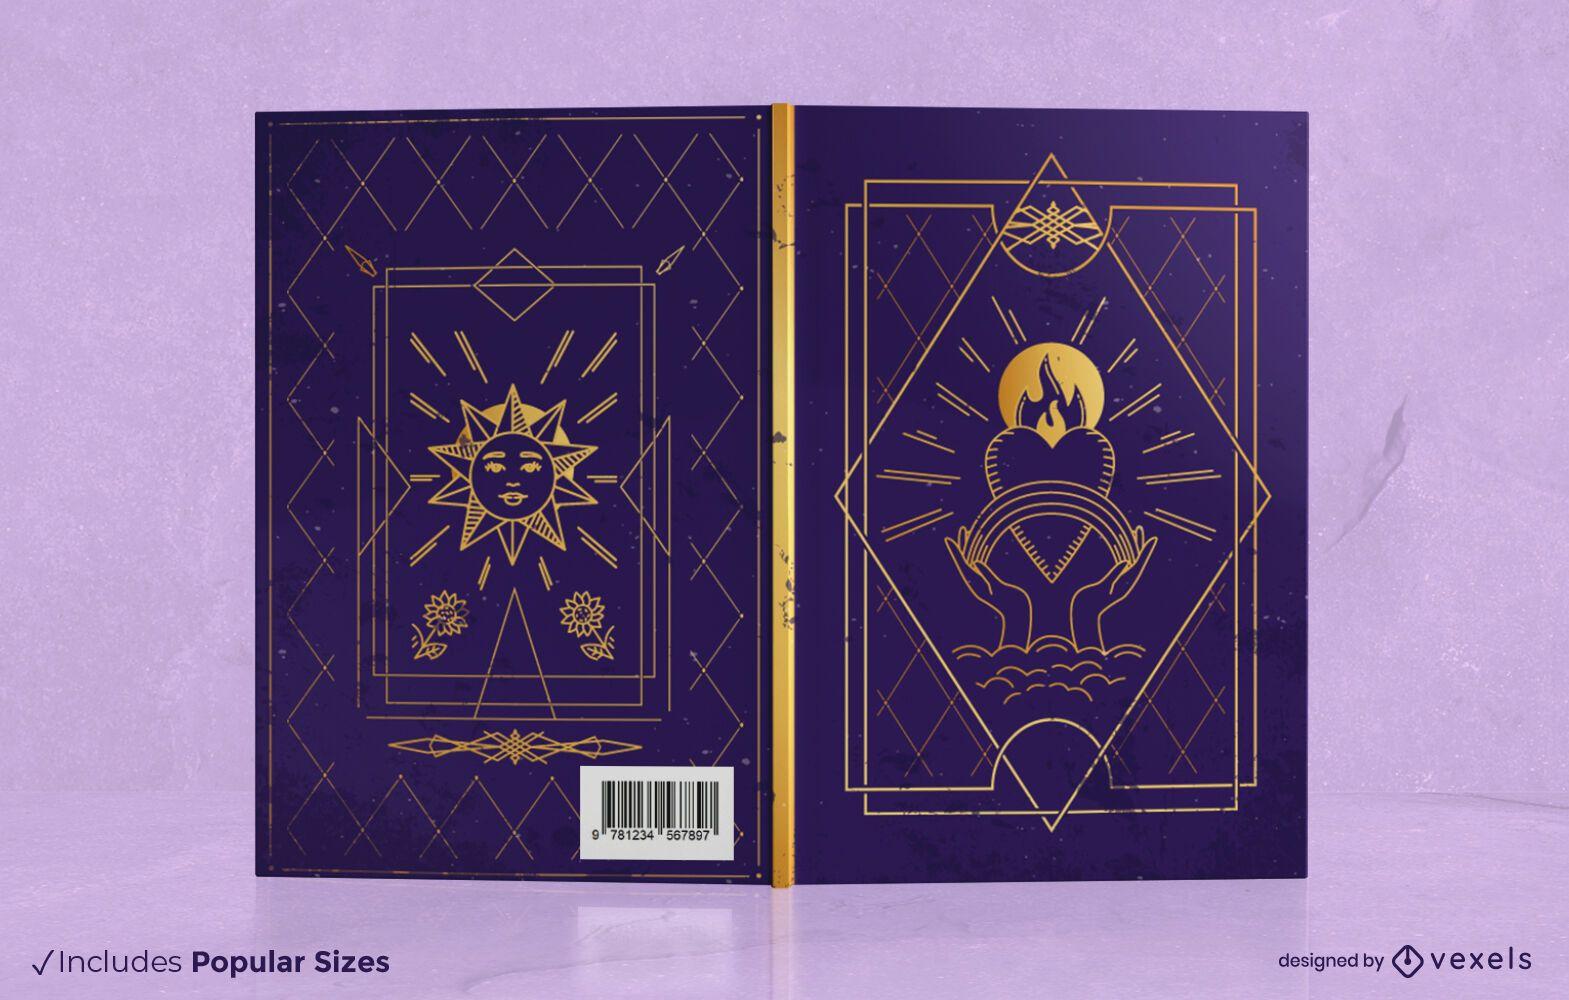 Diseño de portada de libro de tarot mágico